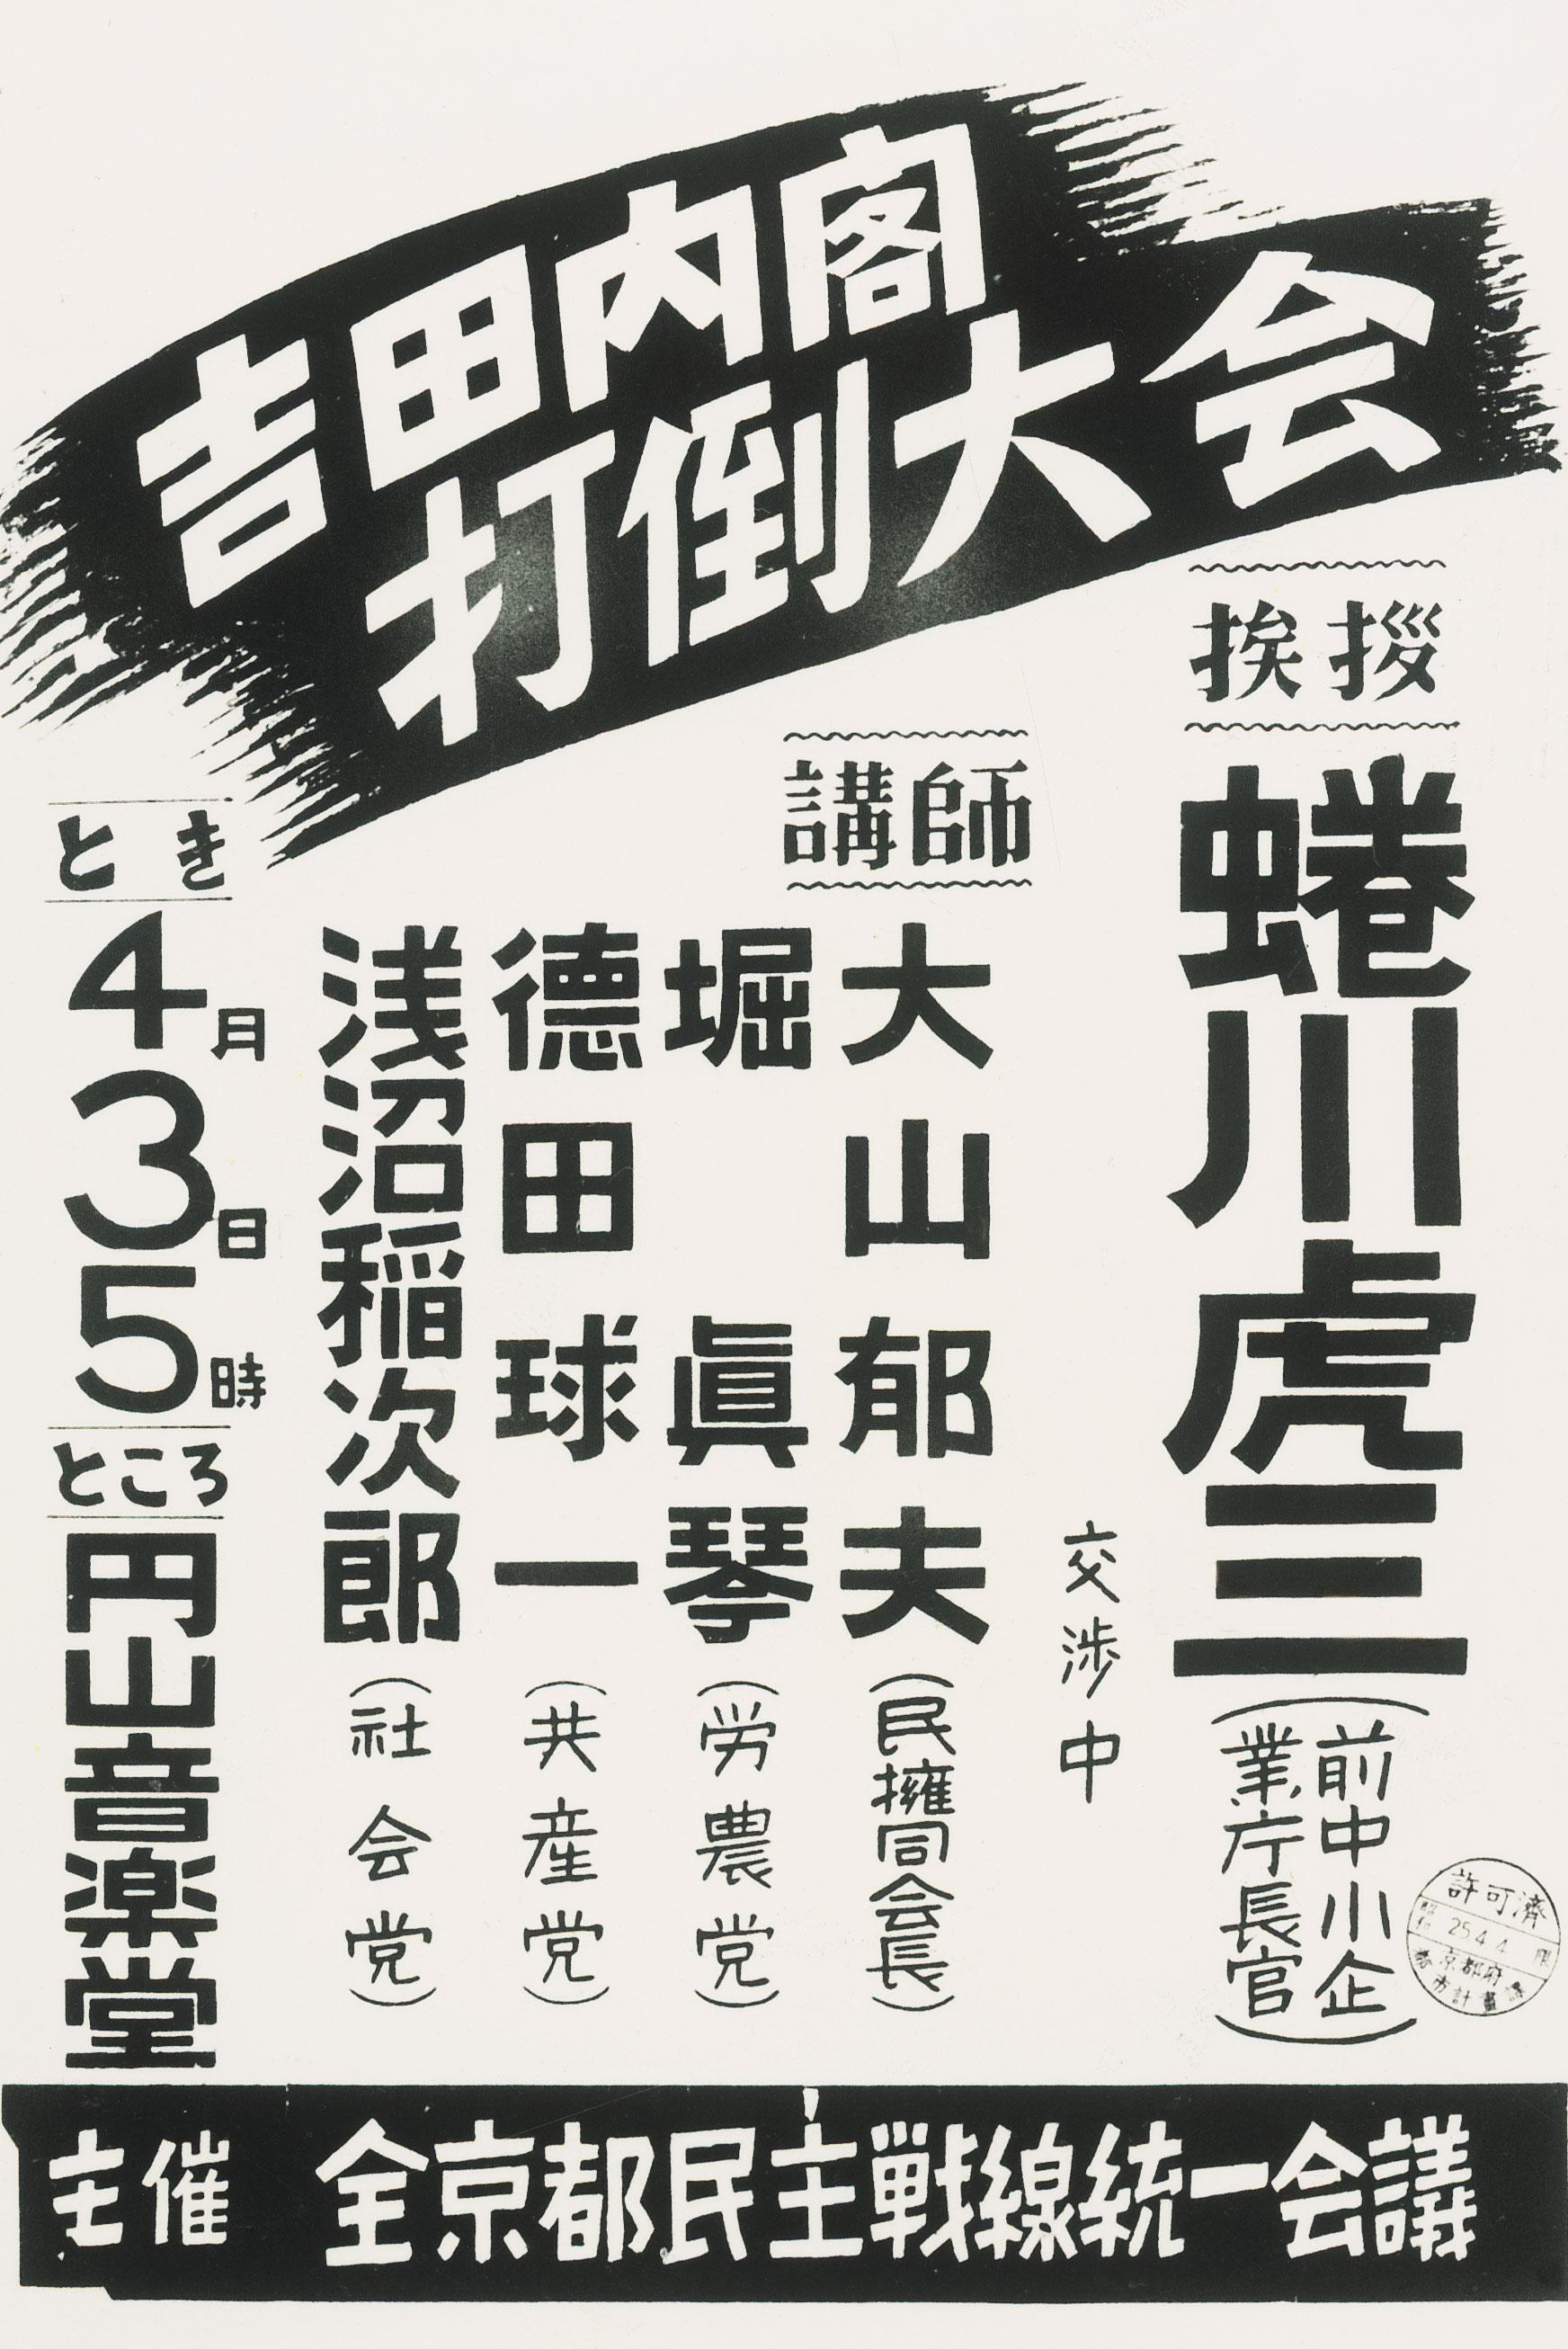 全京都民主戦線統一会議(民統)